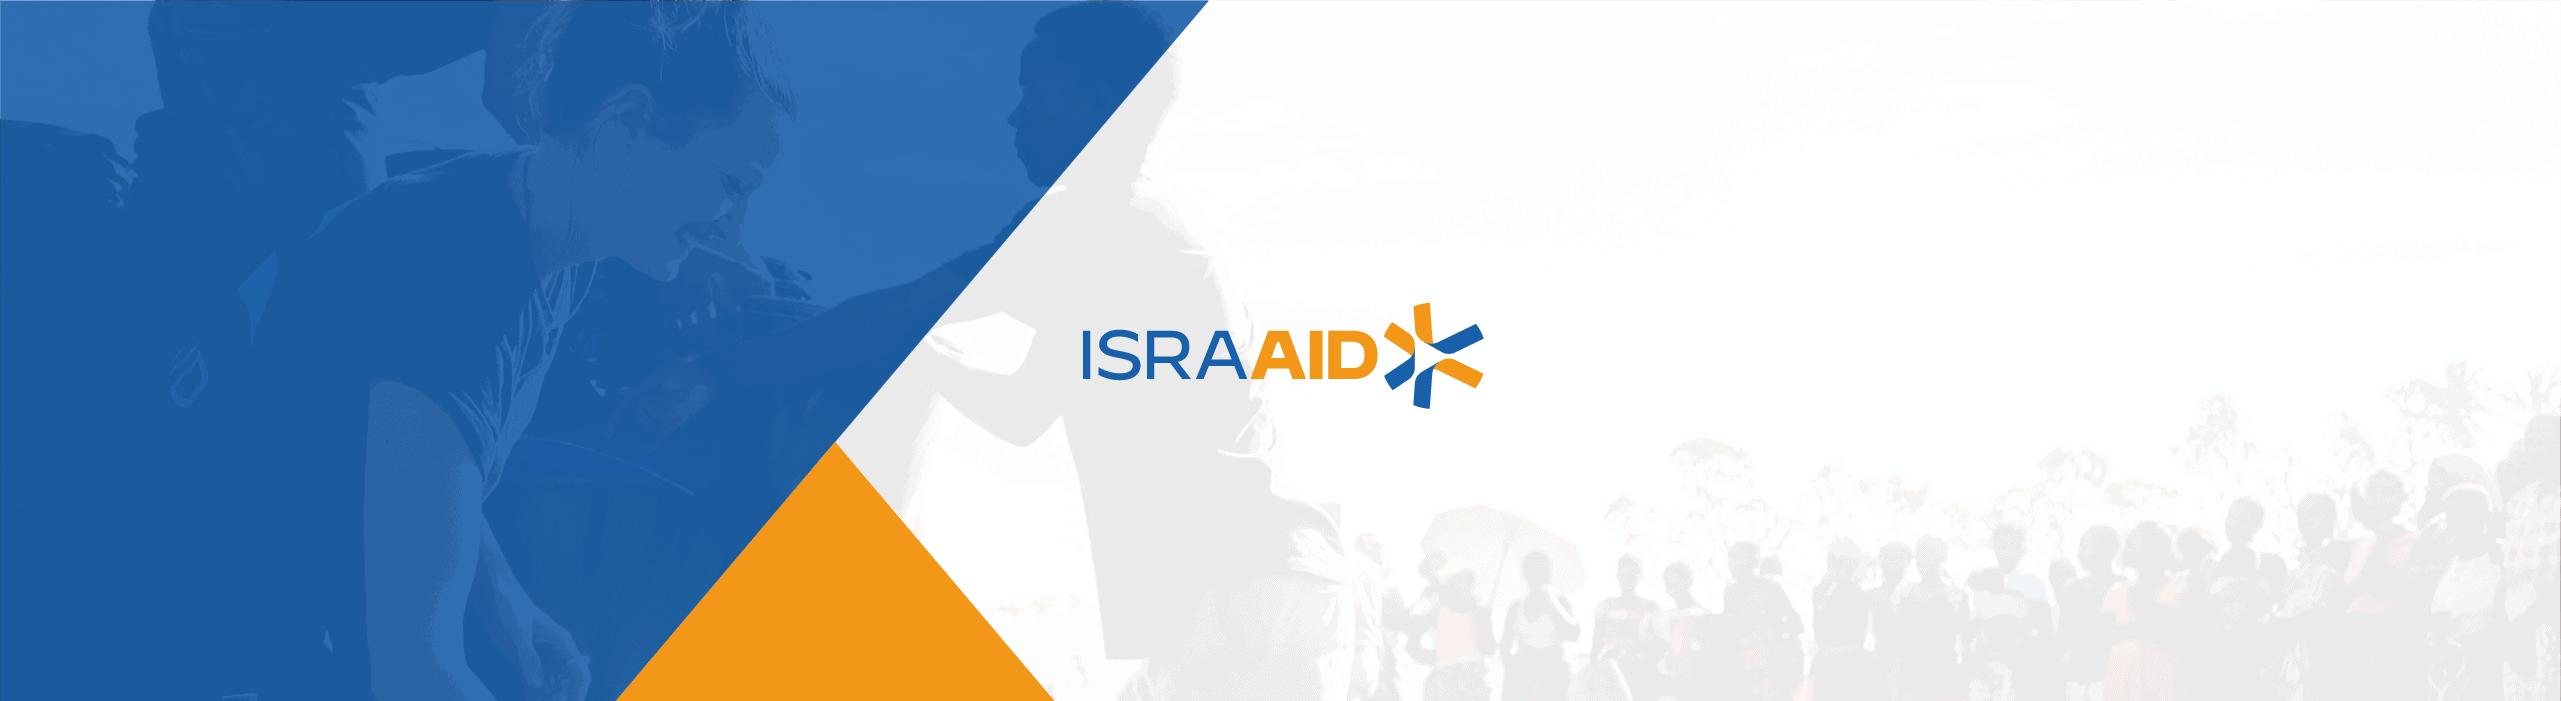 IsraAID - 01 - Natie Branding Agency